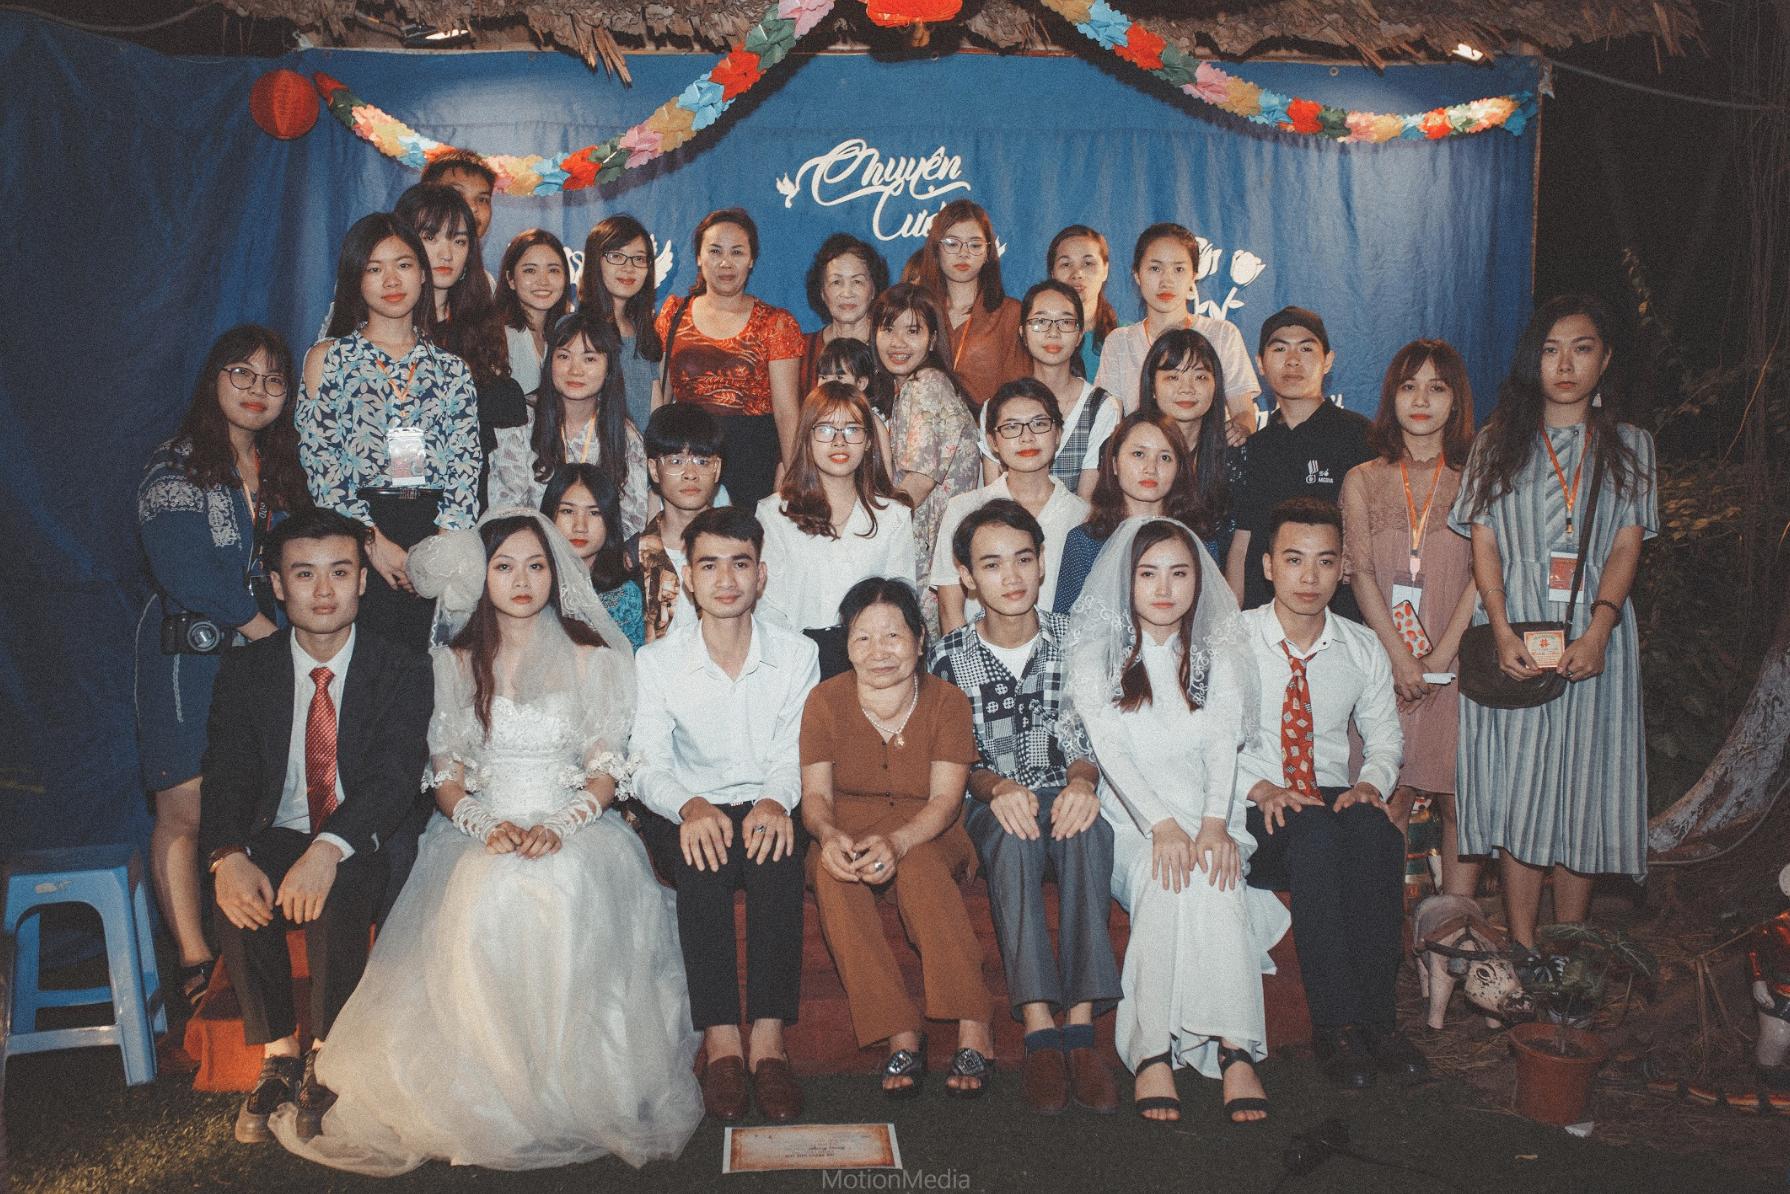 Sinh viên báo chí tổ chức triển lãm không gian cưới thập niên 80s, 90s ngay giữa lòng Hà Nội - Ảnh 11.